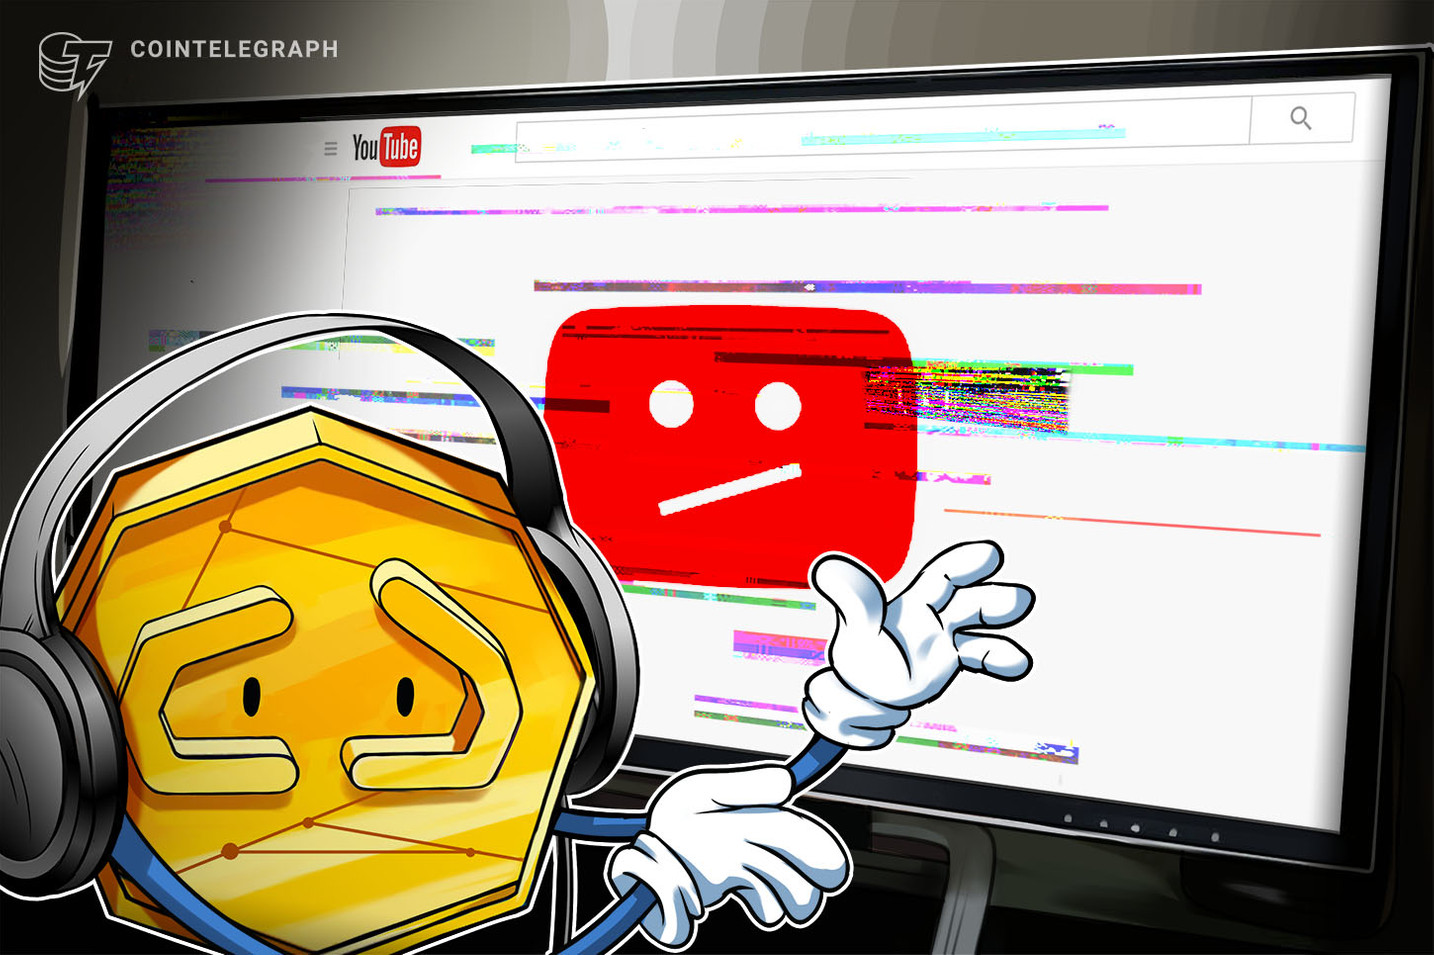 """YouTube prohibe canal de criptomonedas por """"fomentar actividades ilegales"""""""